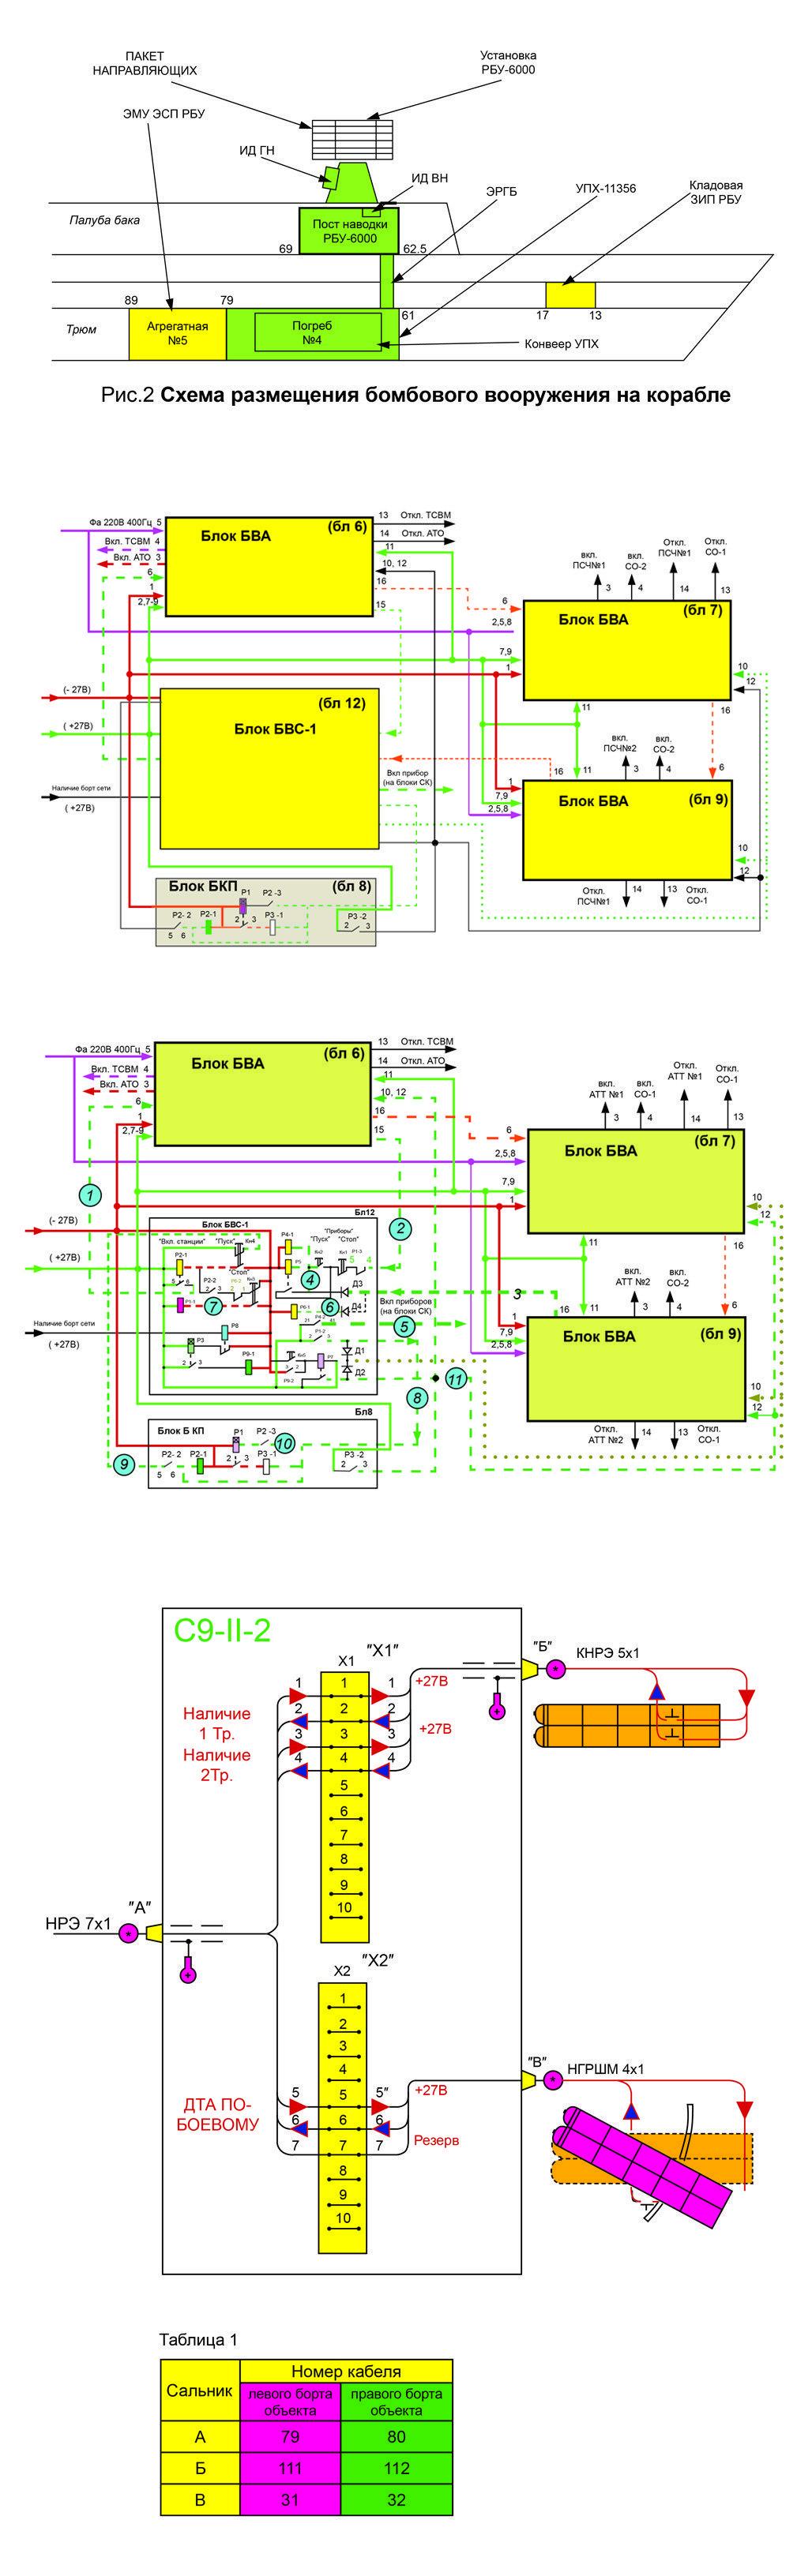 Схема инженерного блока